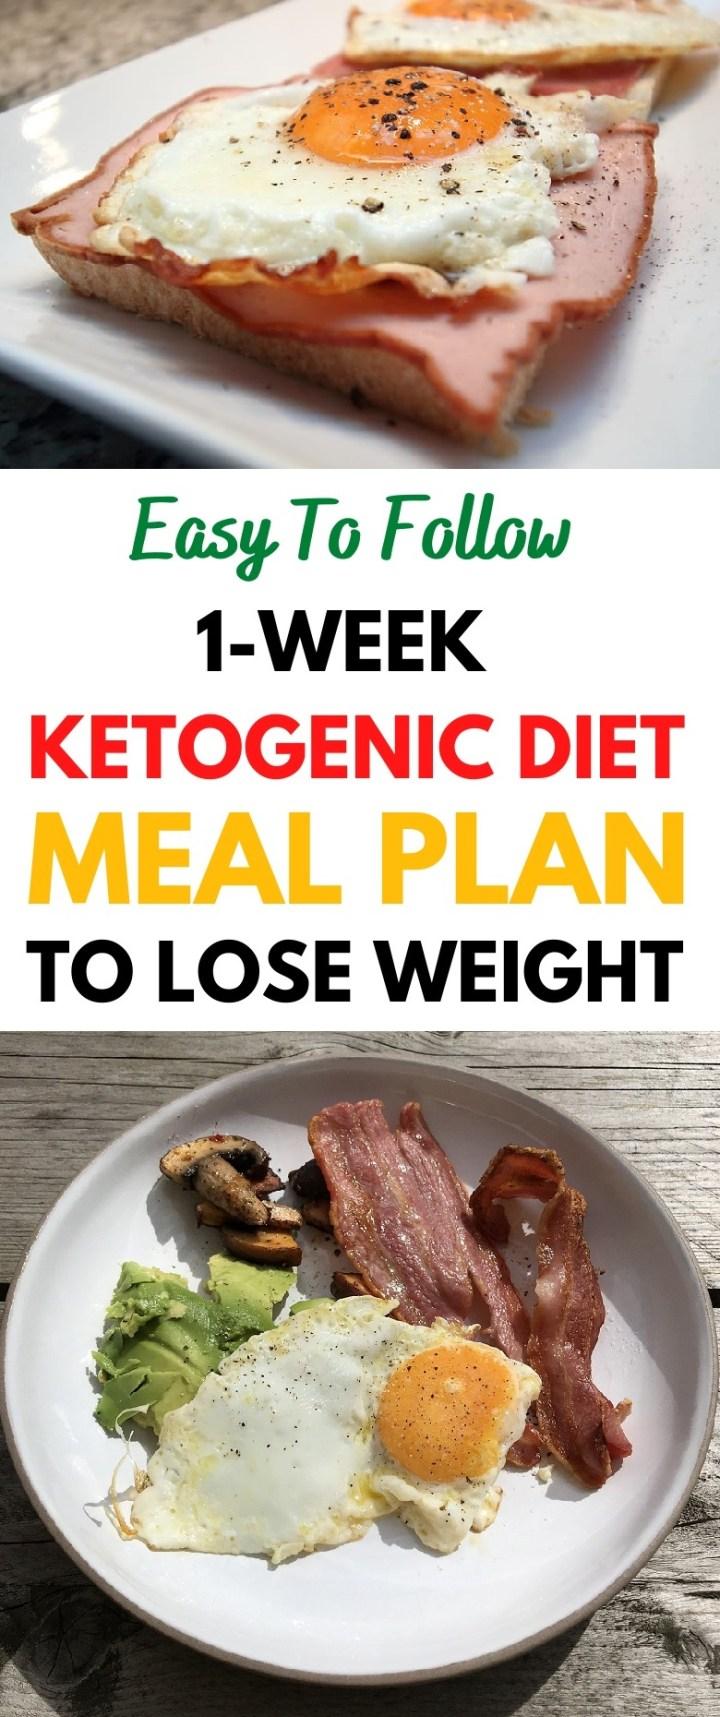 keto diet meal plan